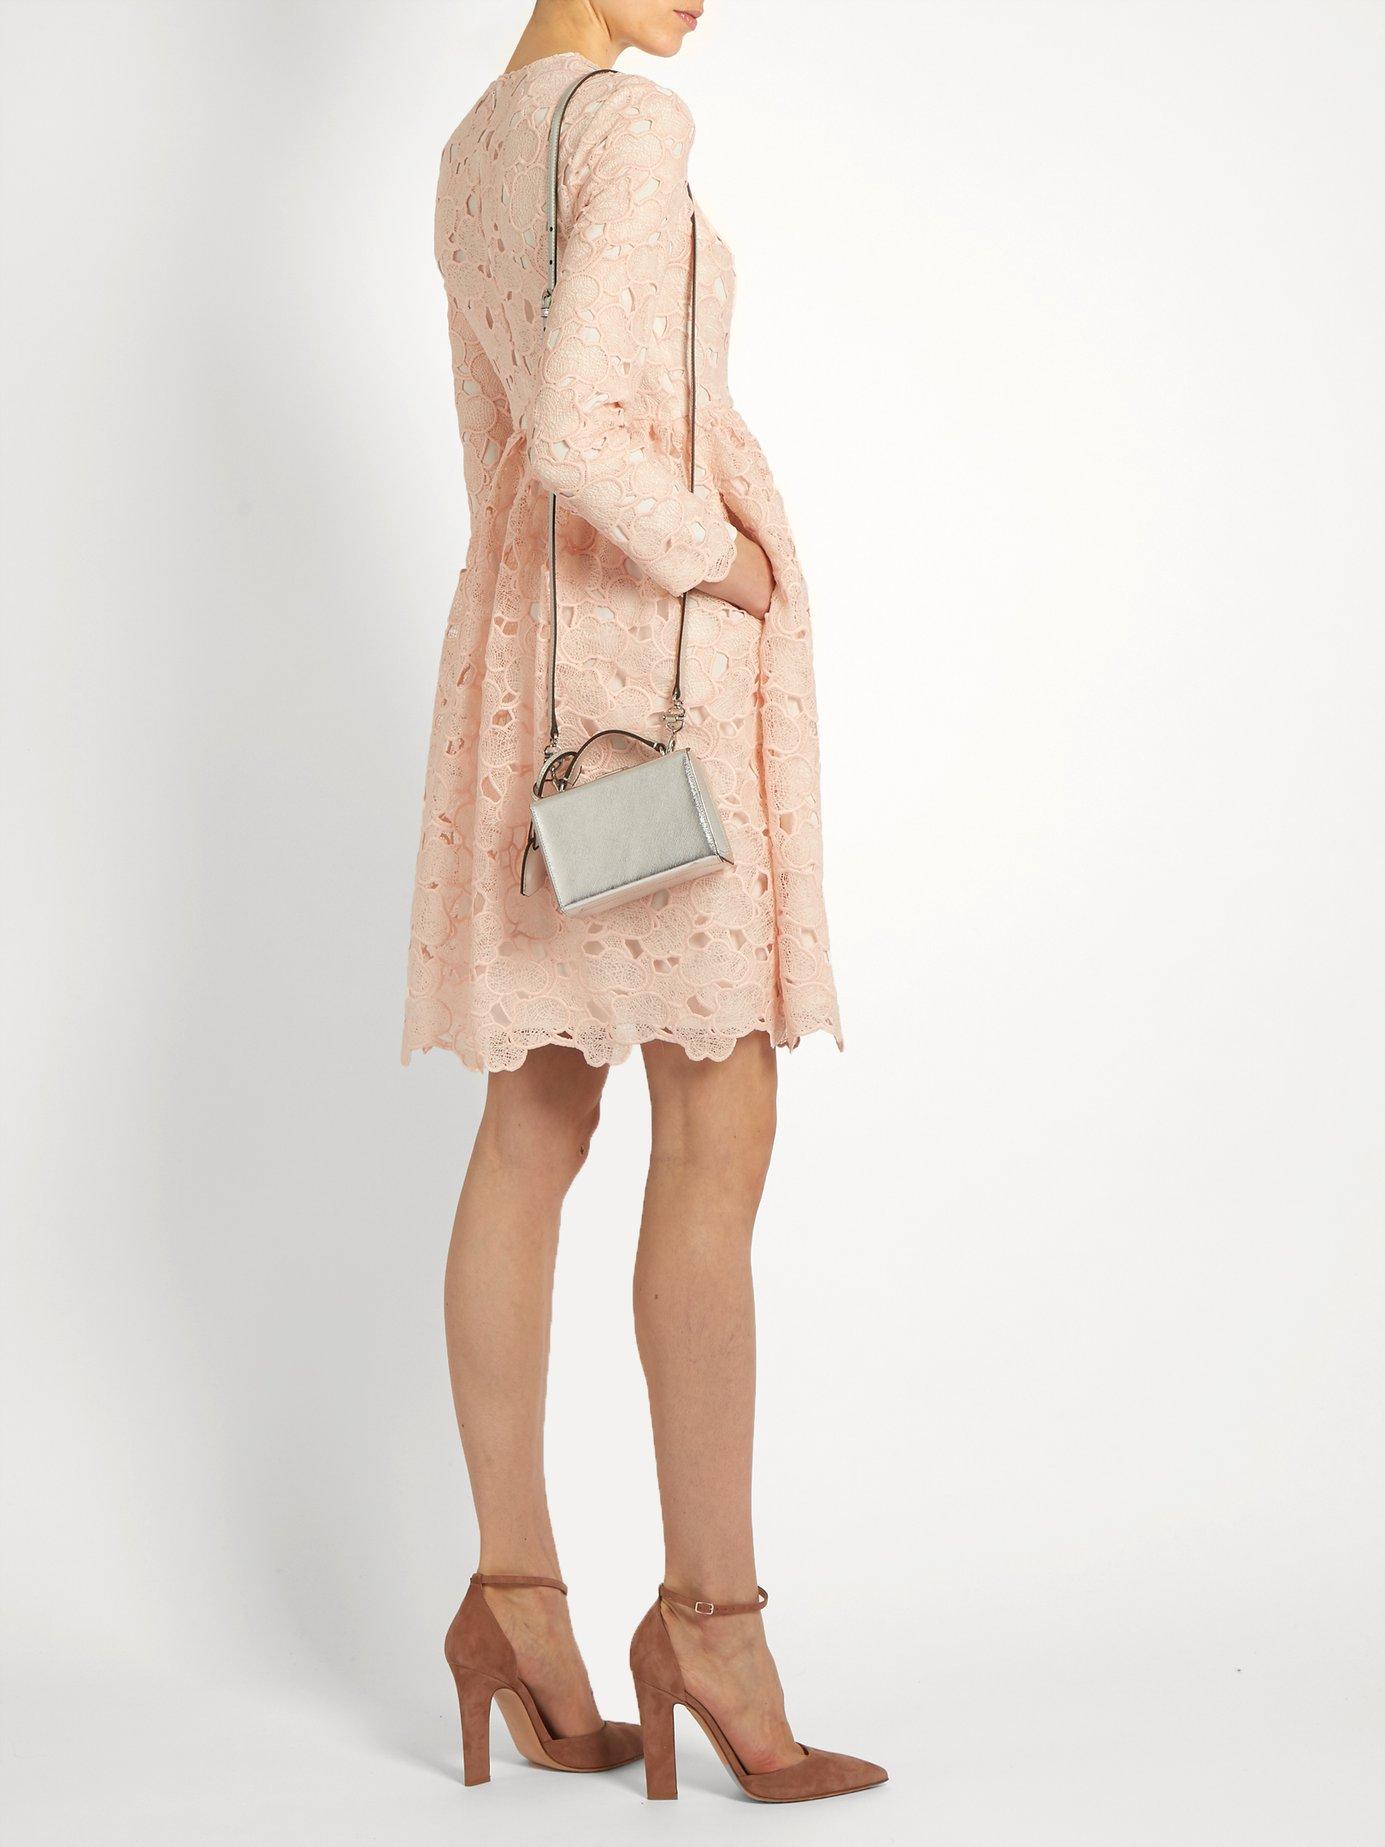 Axelia cloud-lace long-sleeved dress by Huishan Zhang